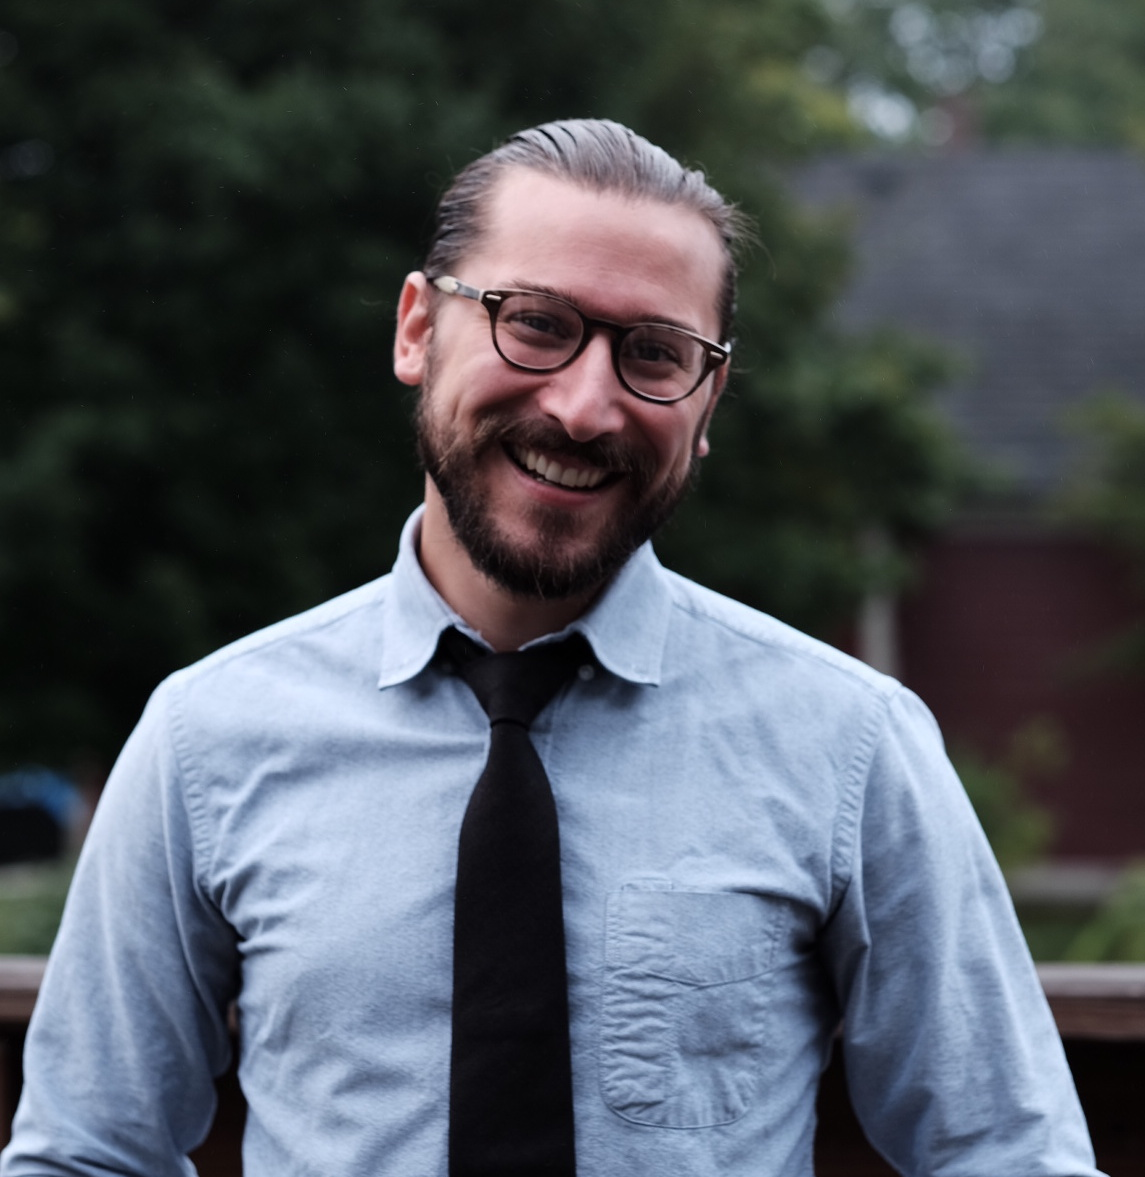 Nathan Mietkiewicz